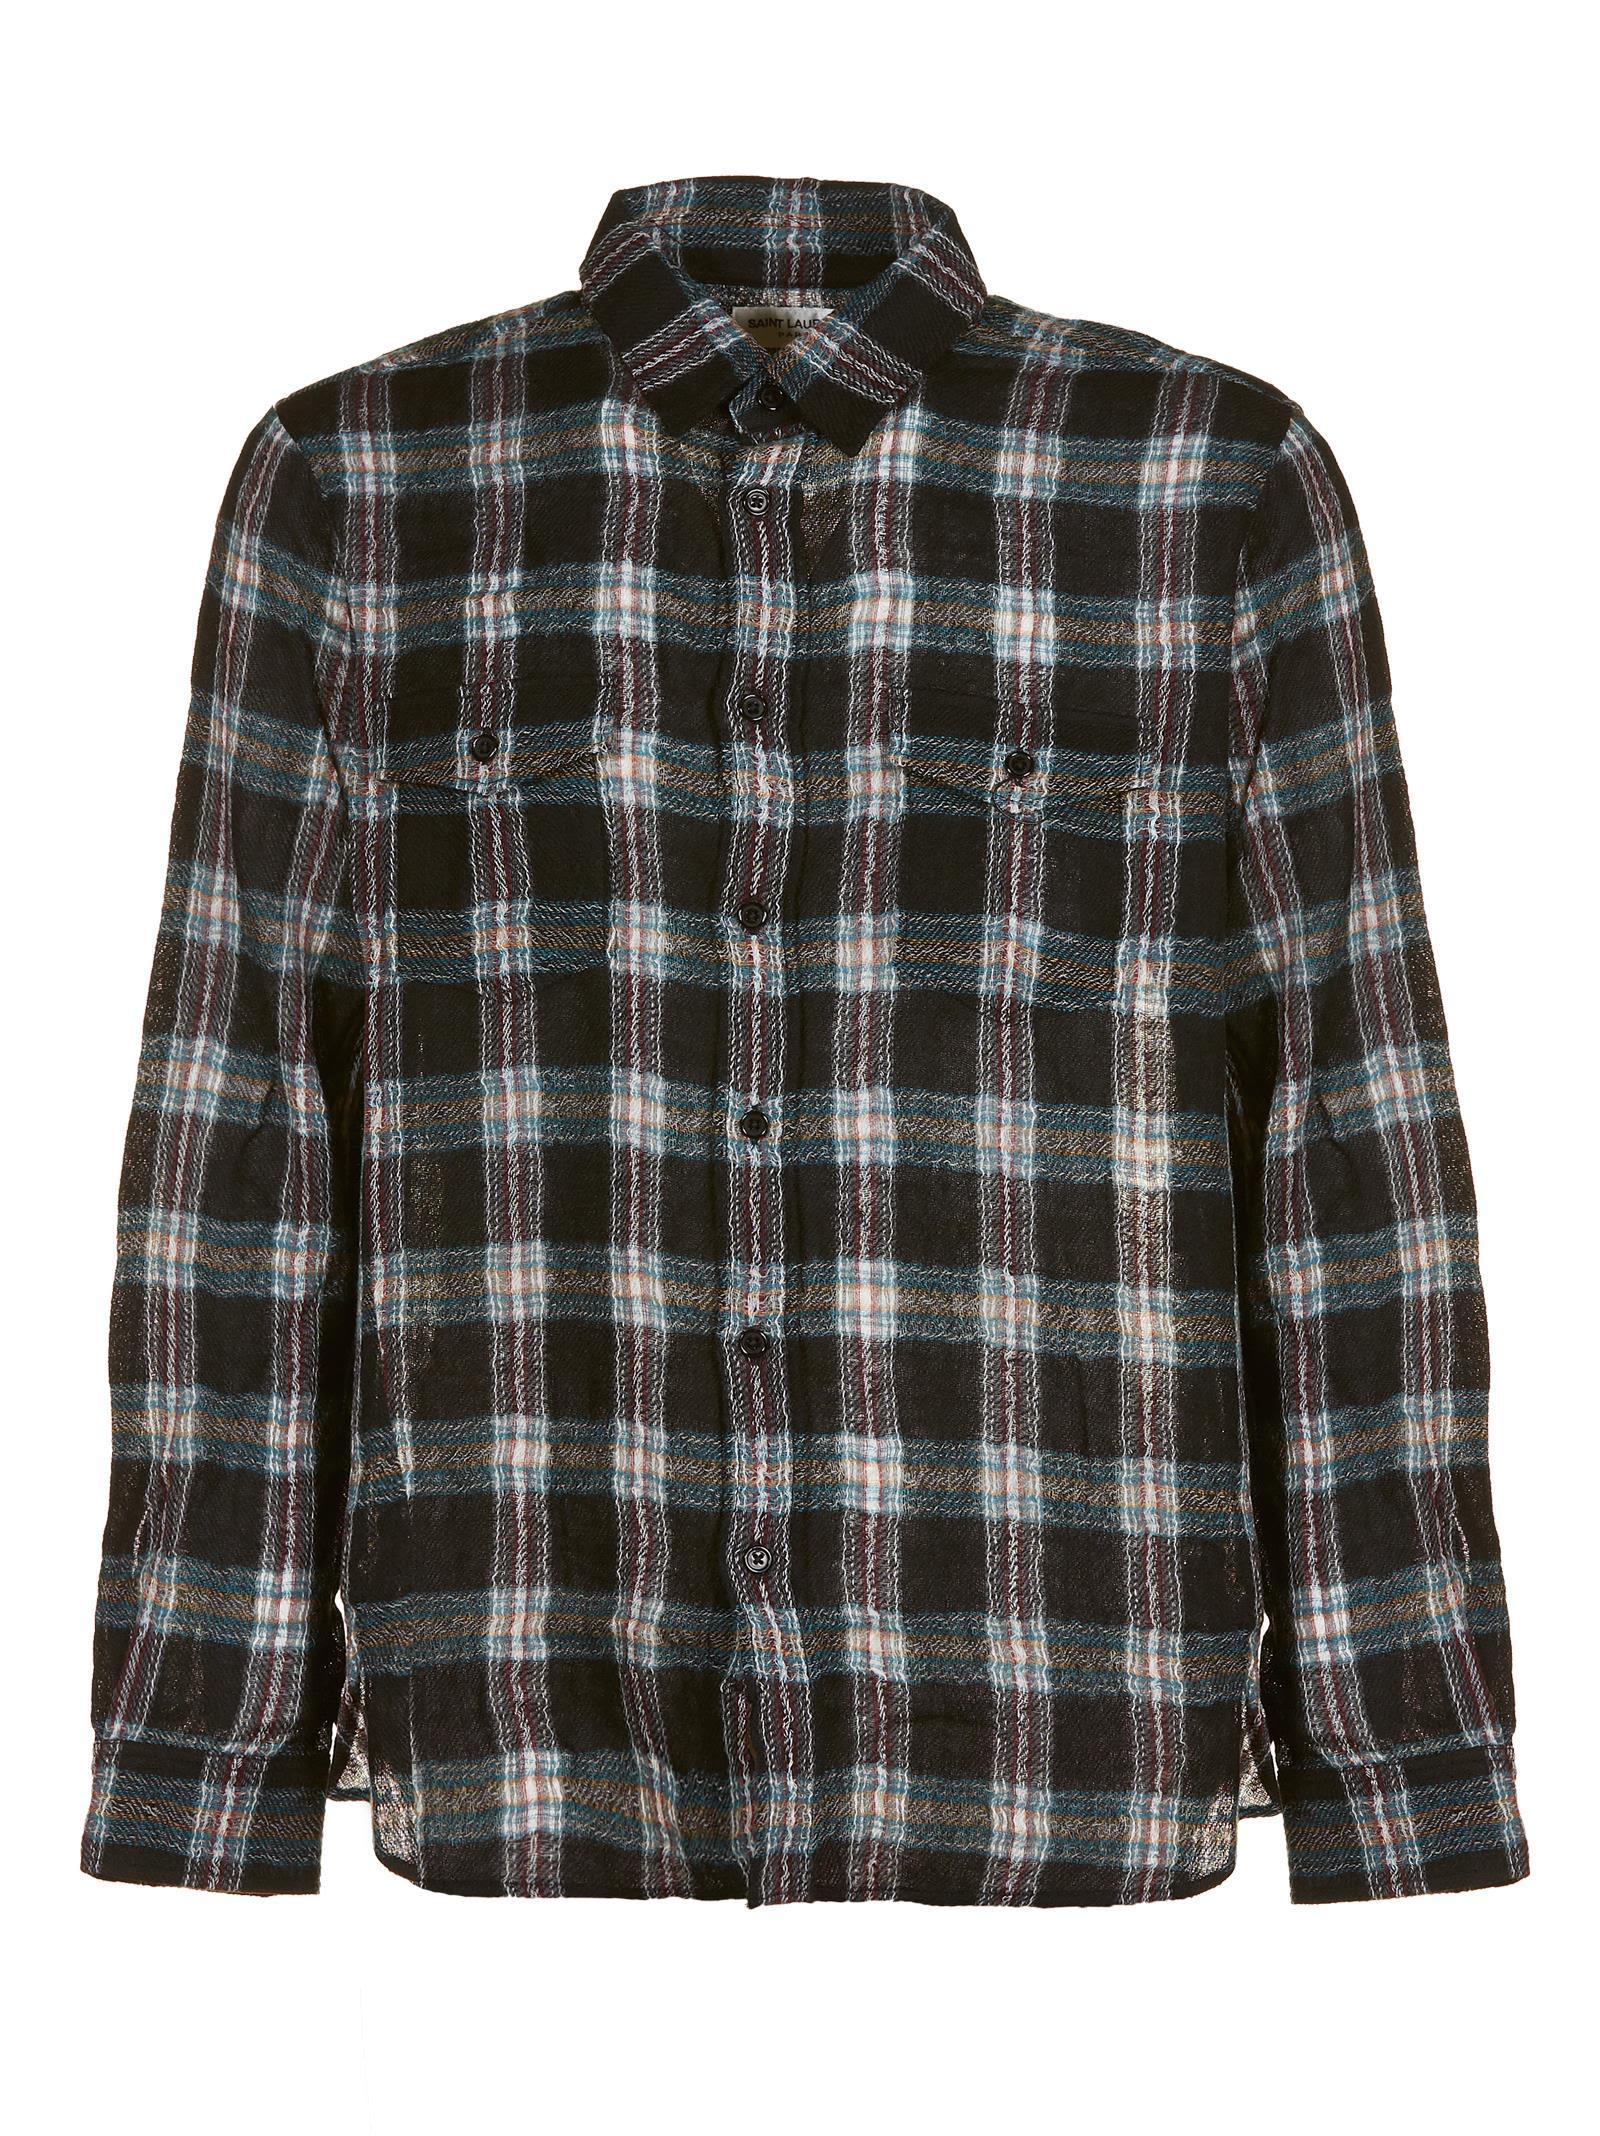 Saint Laurent Plaid Print Shirt